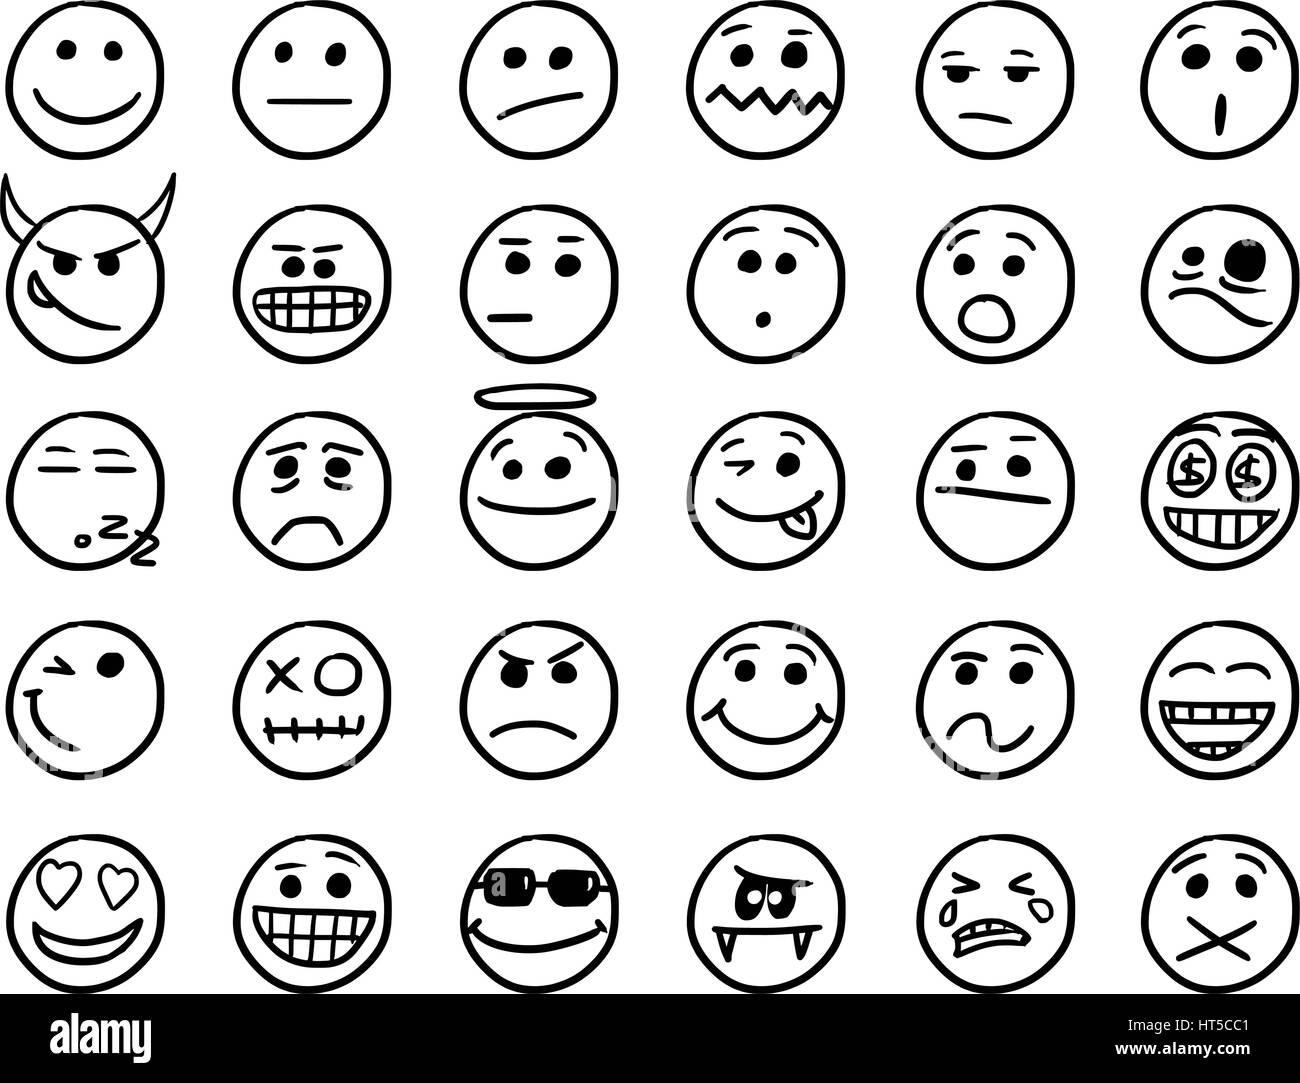 set01 smileysymbole zeichnungen doodles in schwarz